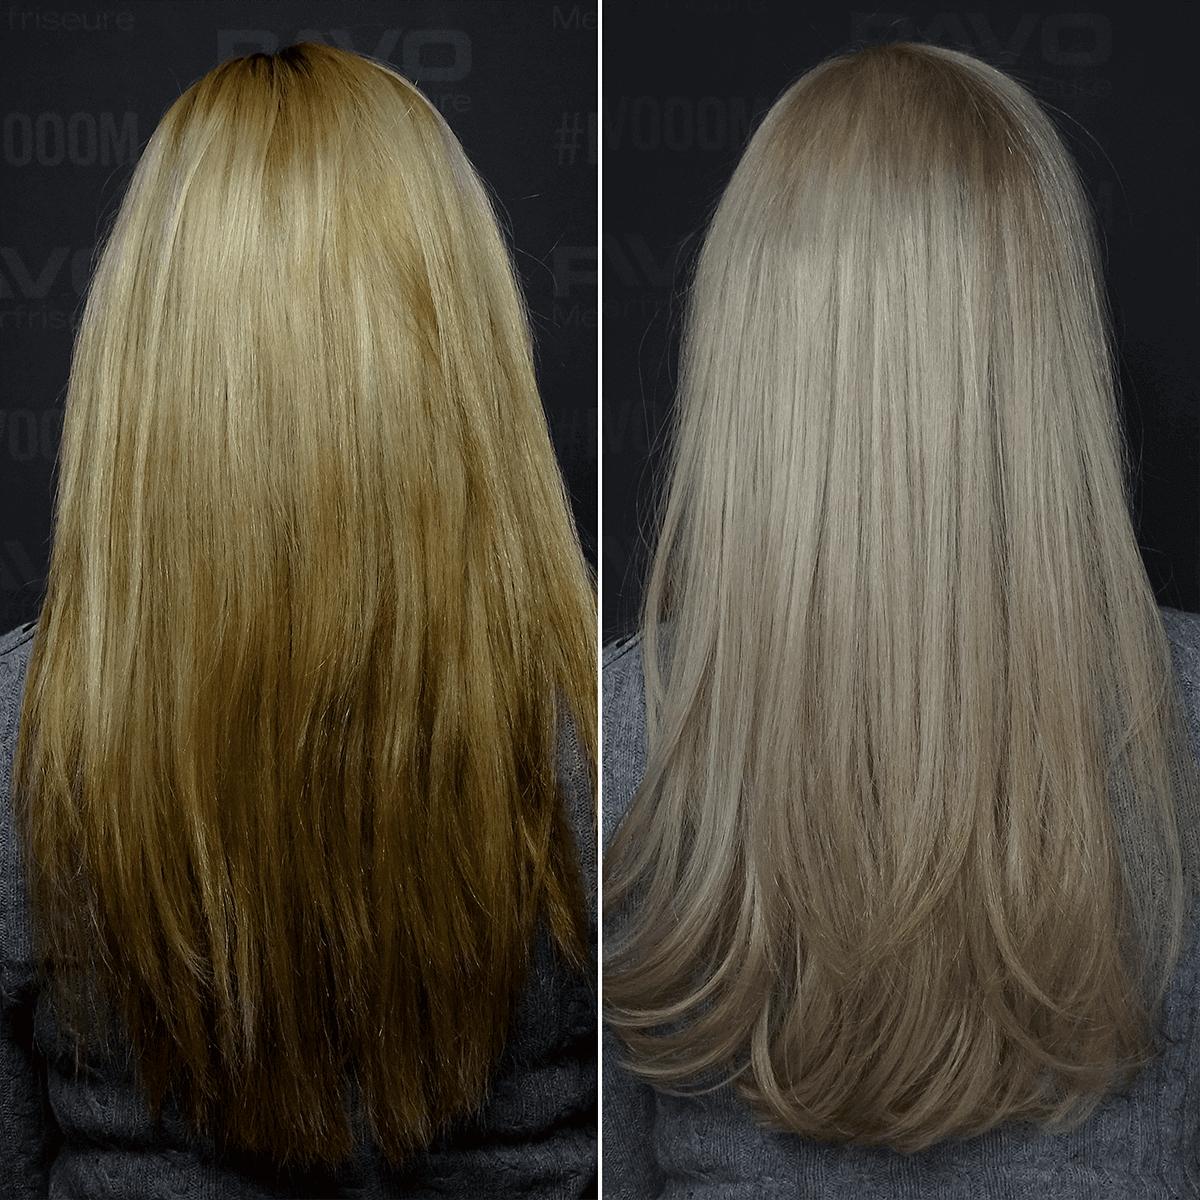 Guter Friseur In Essen Pavo Friseure Klares Blond Für Stephanie